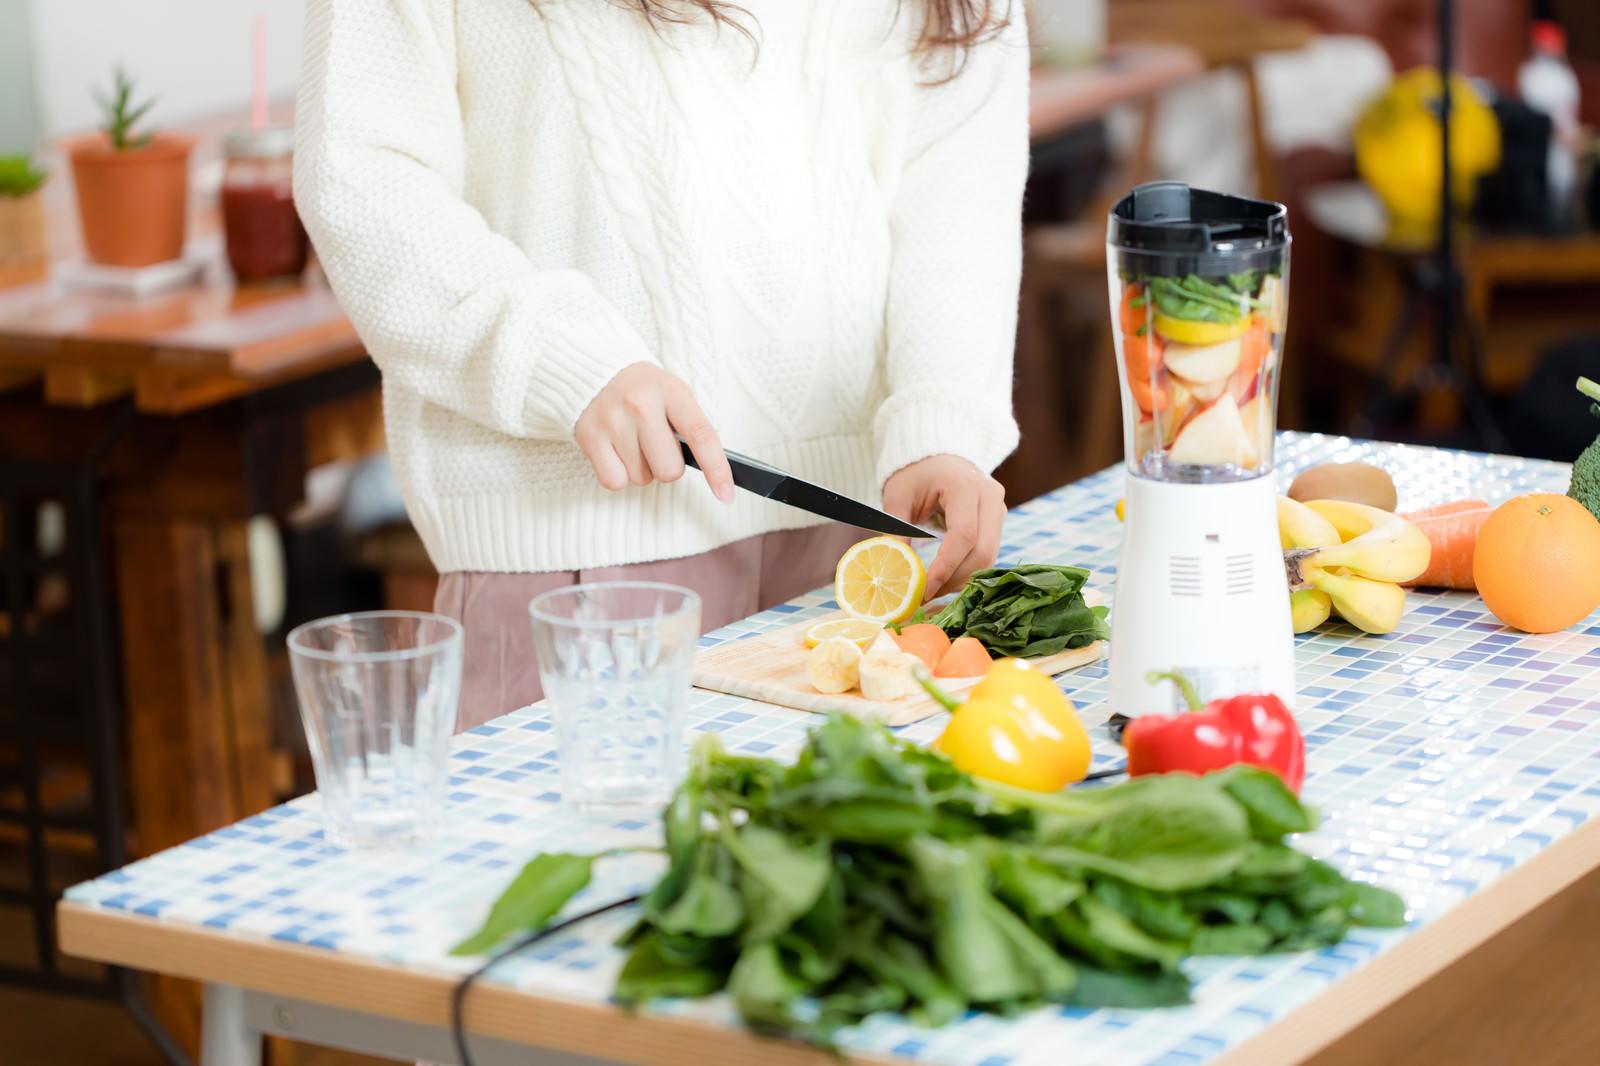 「スムージー用に果物をカットする女性」の写真